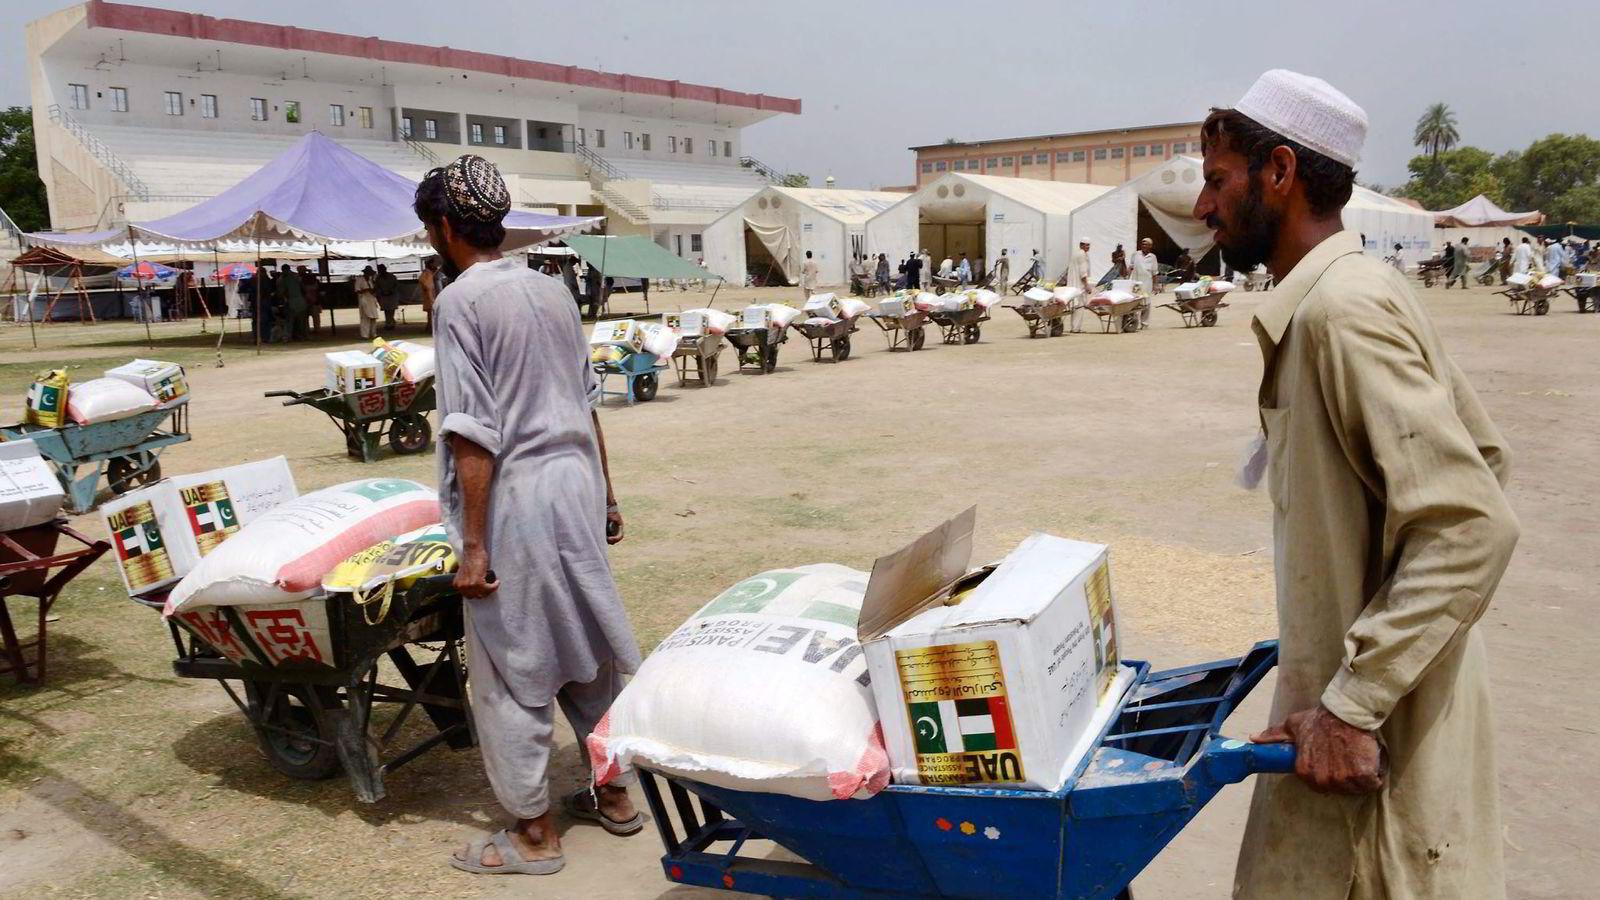 NY METODE. Verdens matvareprogram (wfp) og MasterCard samarbeider om et «digital mat»-prosjekt, med mål om å dele ut en tredjedel av hjelpen på mer effektivt vis innen 2015. Her fra Bannu i Pakistan, der WFP distribuerer maten på tradisjonelt vis. Foto: A Majeed, Afp Photo/NTB Scanpix